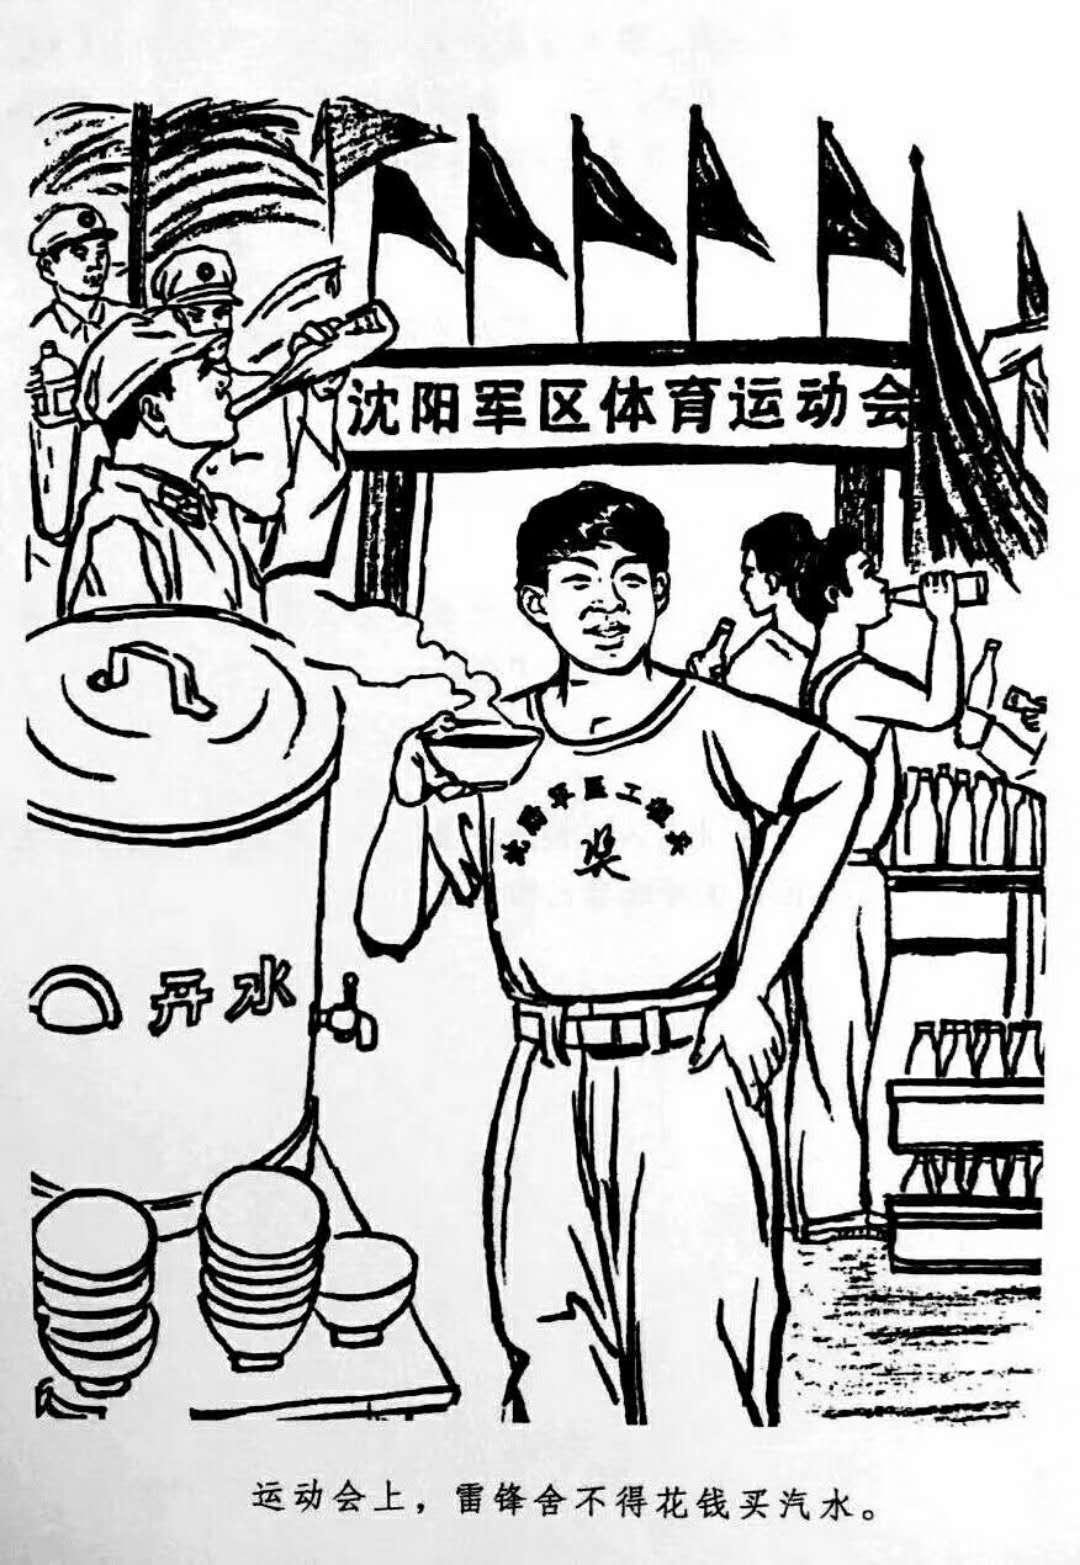 朱吉男版画 【雷锋画集】(35-36)集图片